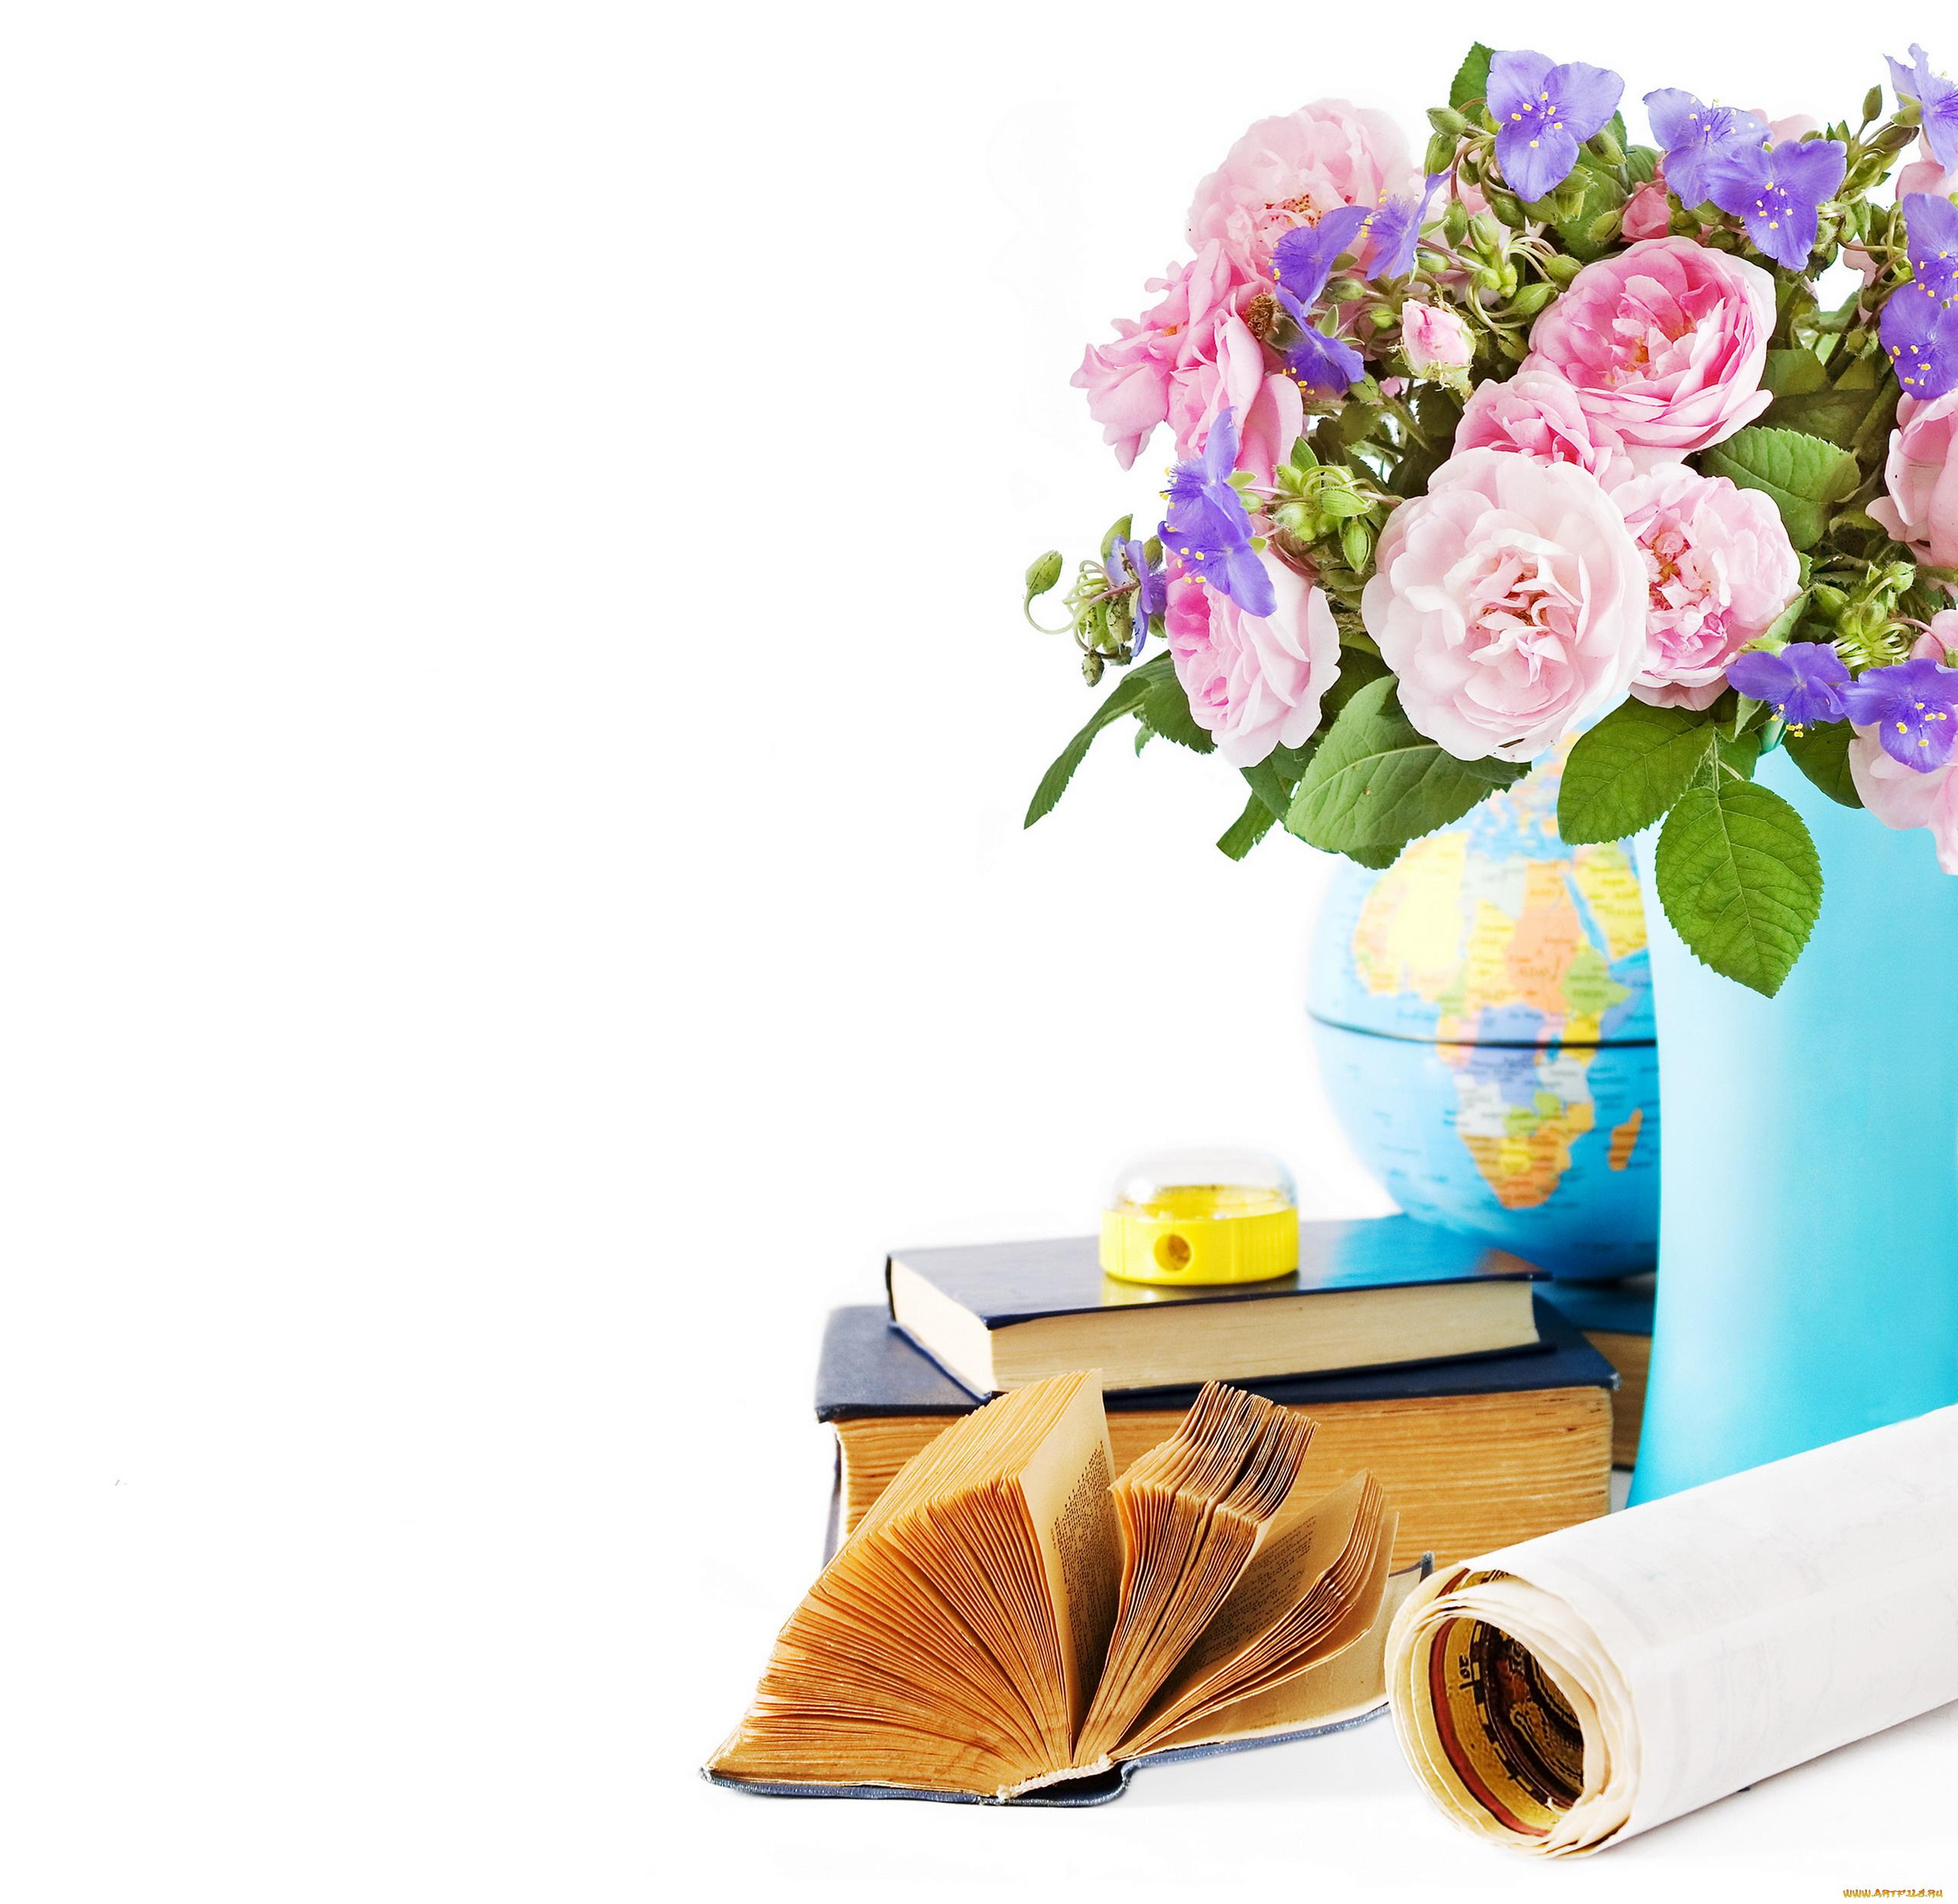 Картинки надписью, открытка ко дню учителя шаблон для открытки